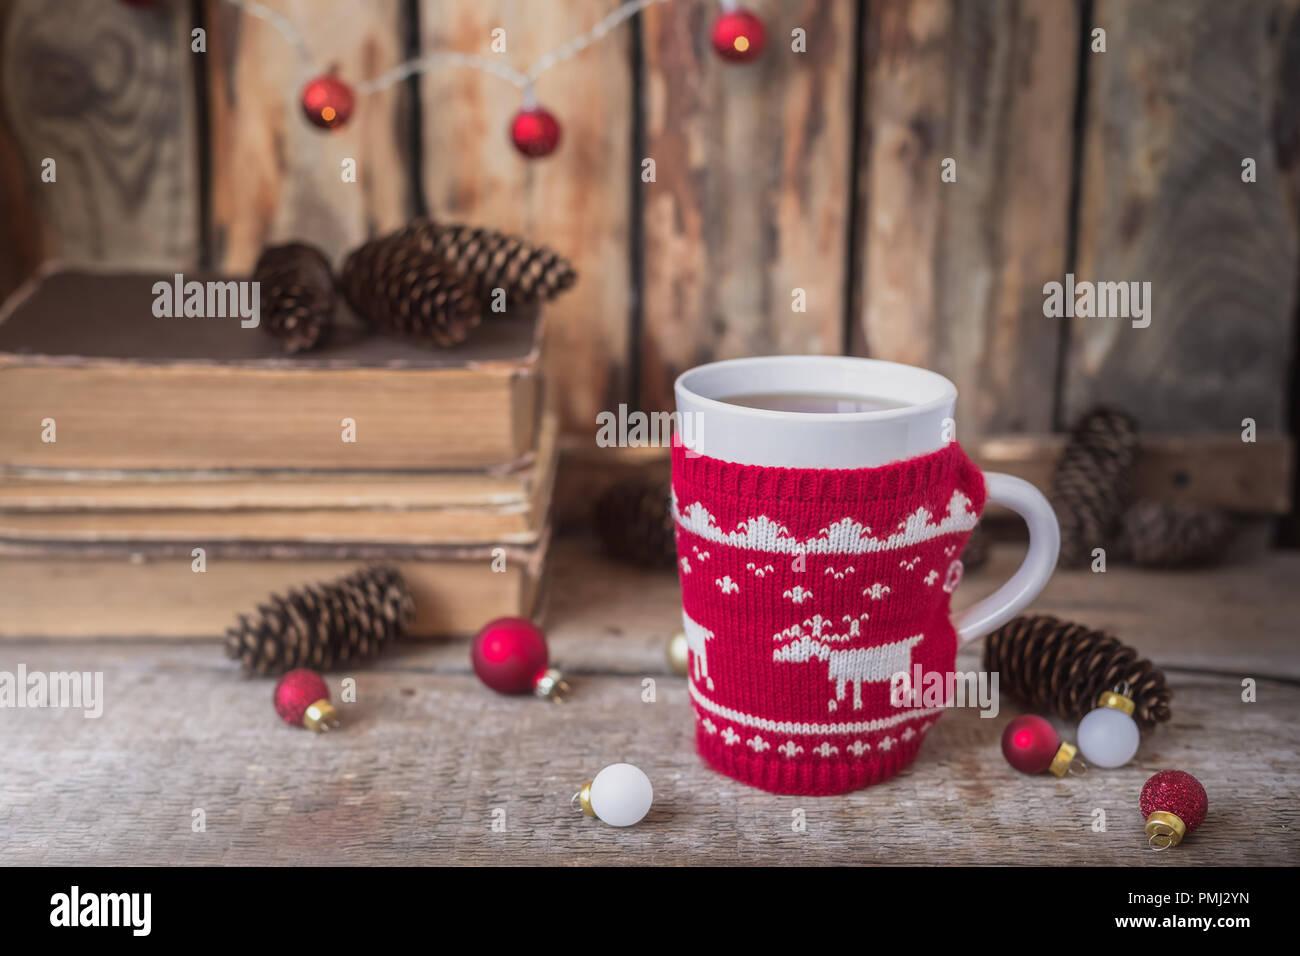 Weihnachtsbeleuchtung Kegel.Gestrickte Rote Schale Mit Weißer Rentiere Weihnachtsbeleuchtung